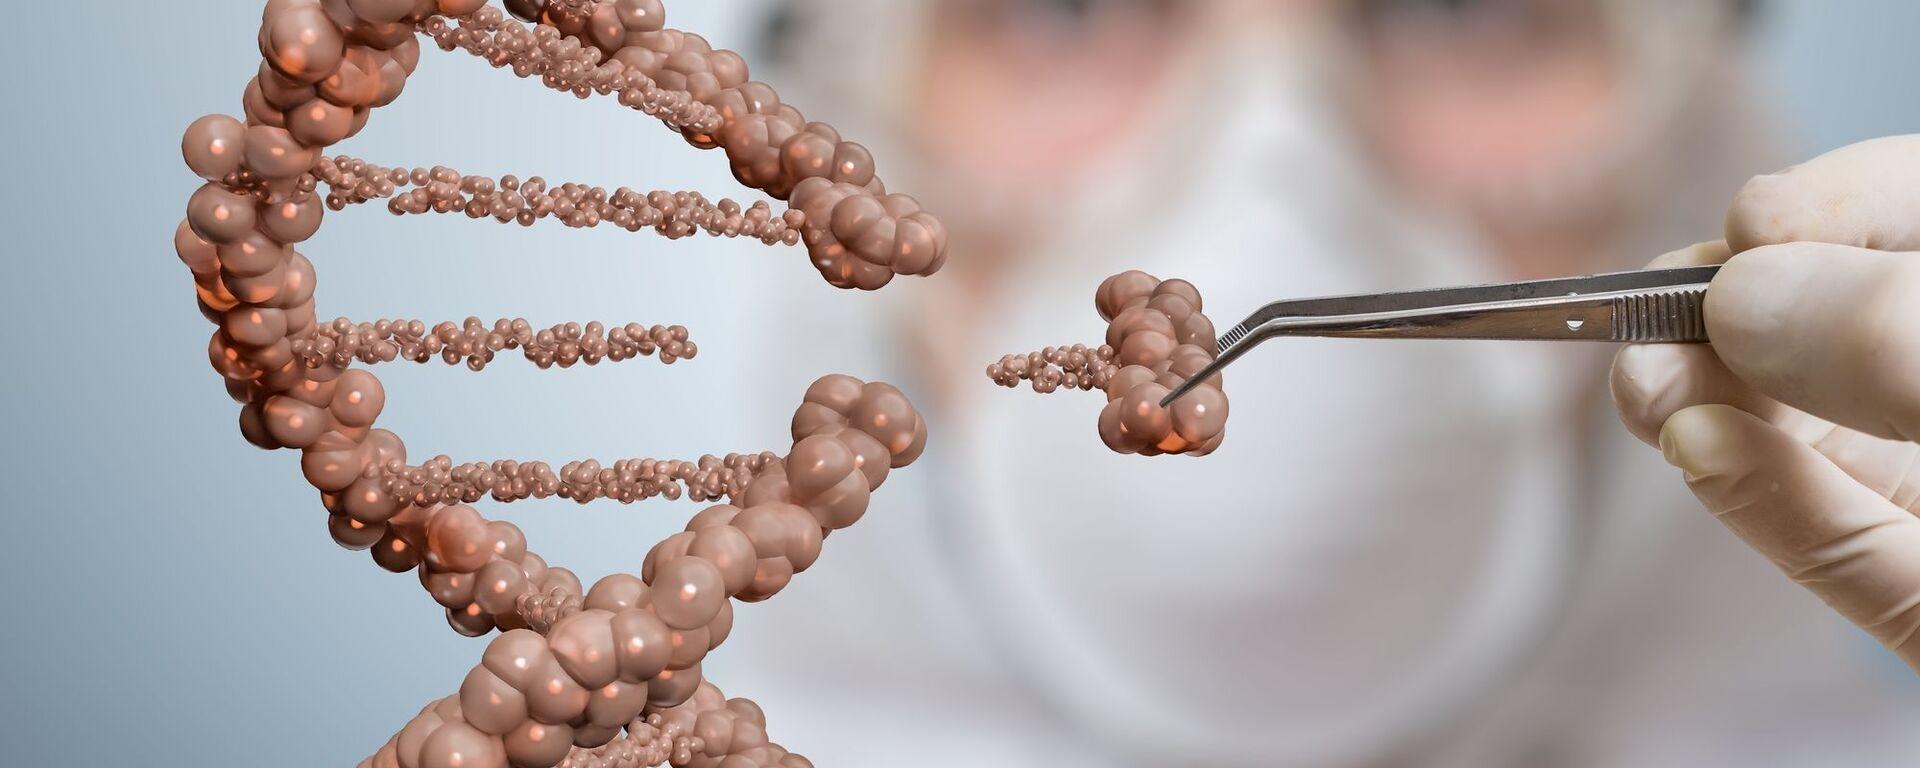 Vědec odstraňuje část řetězce DNA  - Sputnik Česká republika, 1920, 06.05.2021